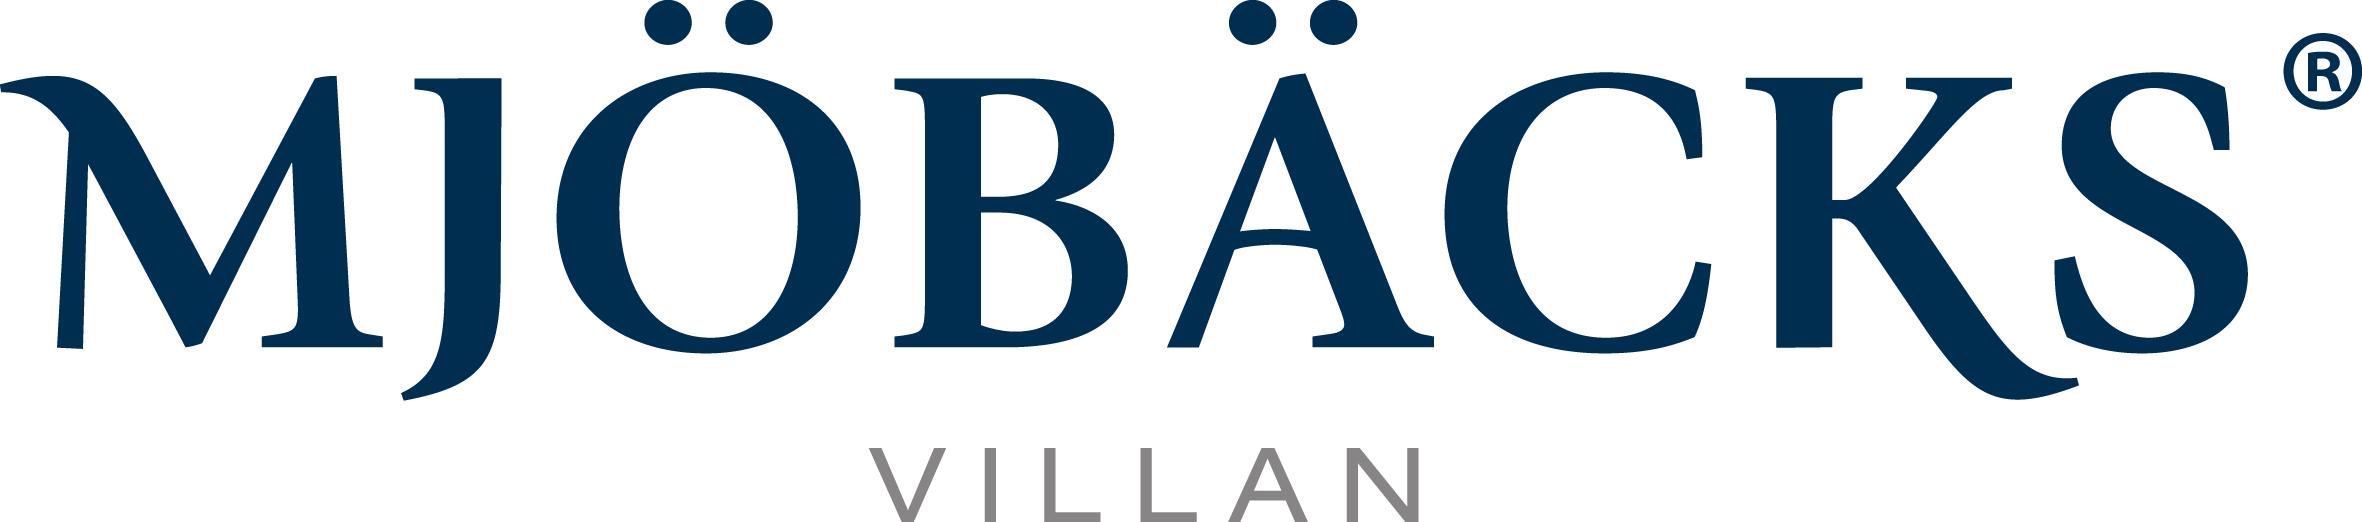 Mjöbäcksvillan logo